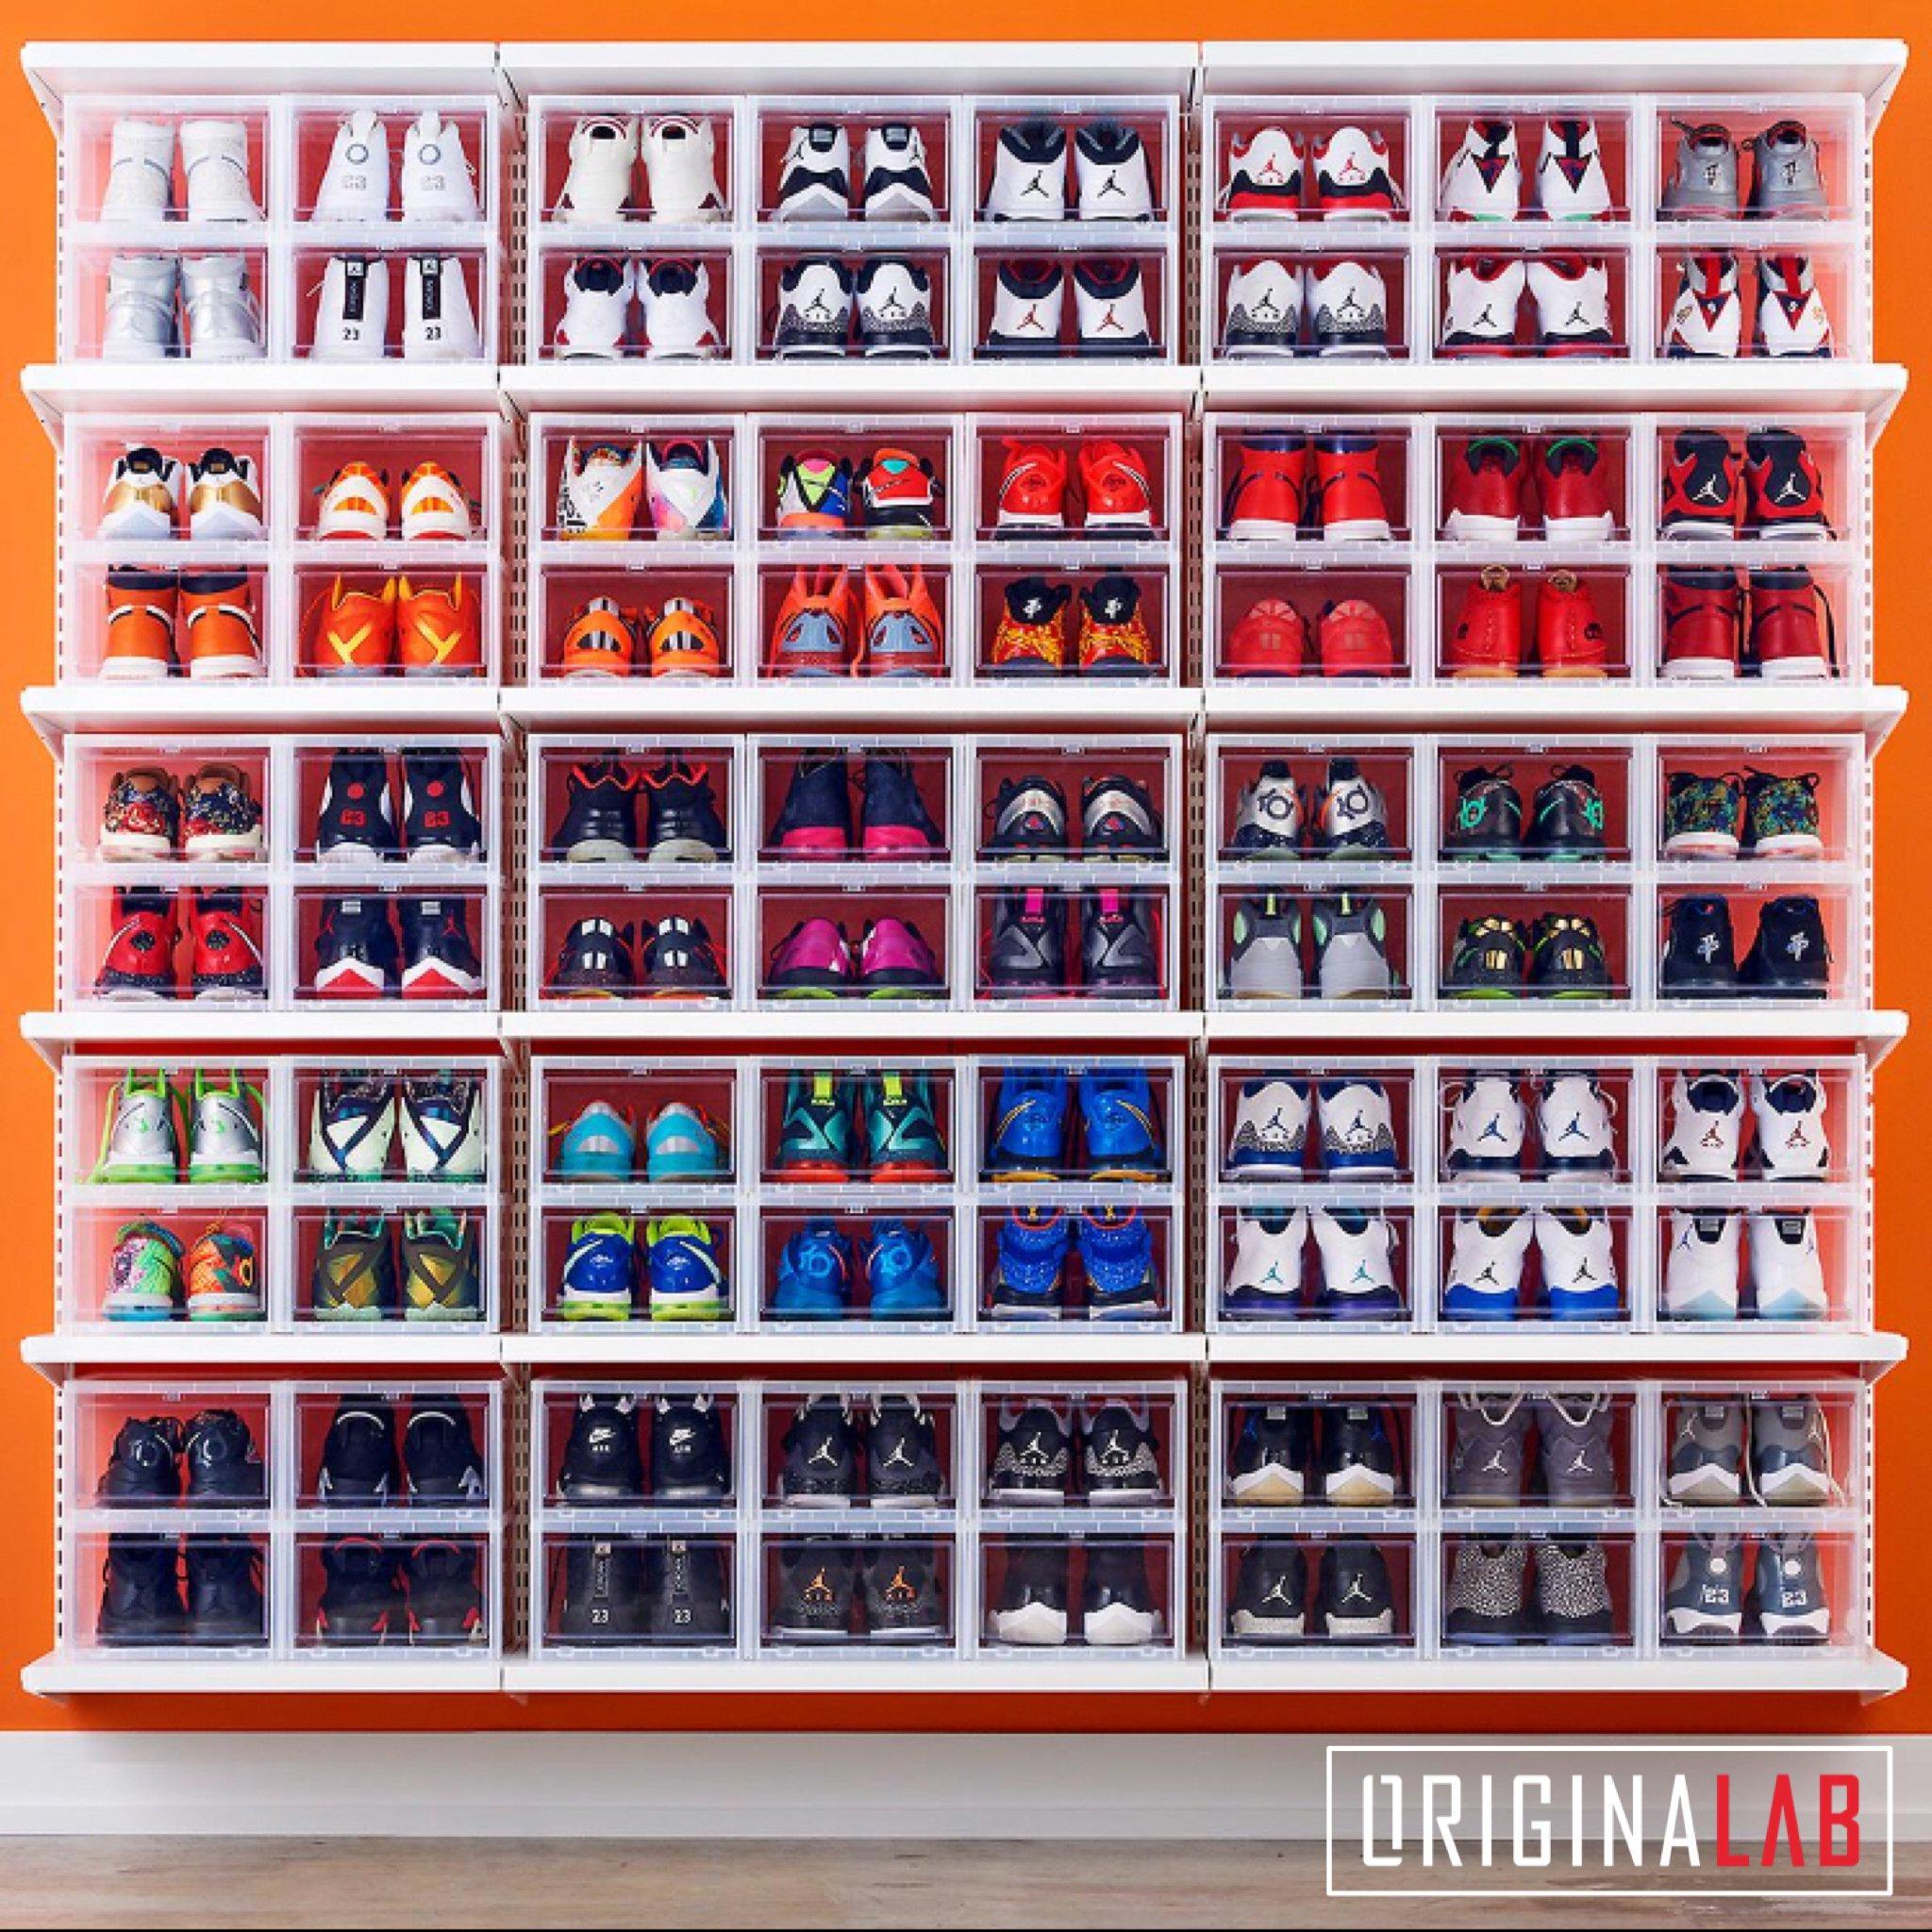 20 BOXES - ORIGINALAB Premium Stackable Shoe Box Clear HOT SALE